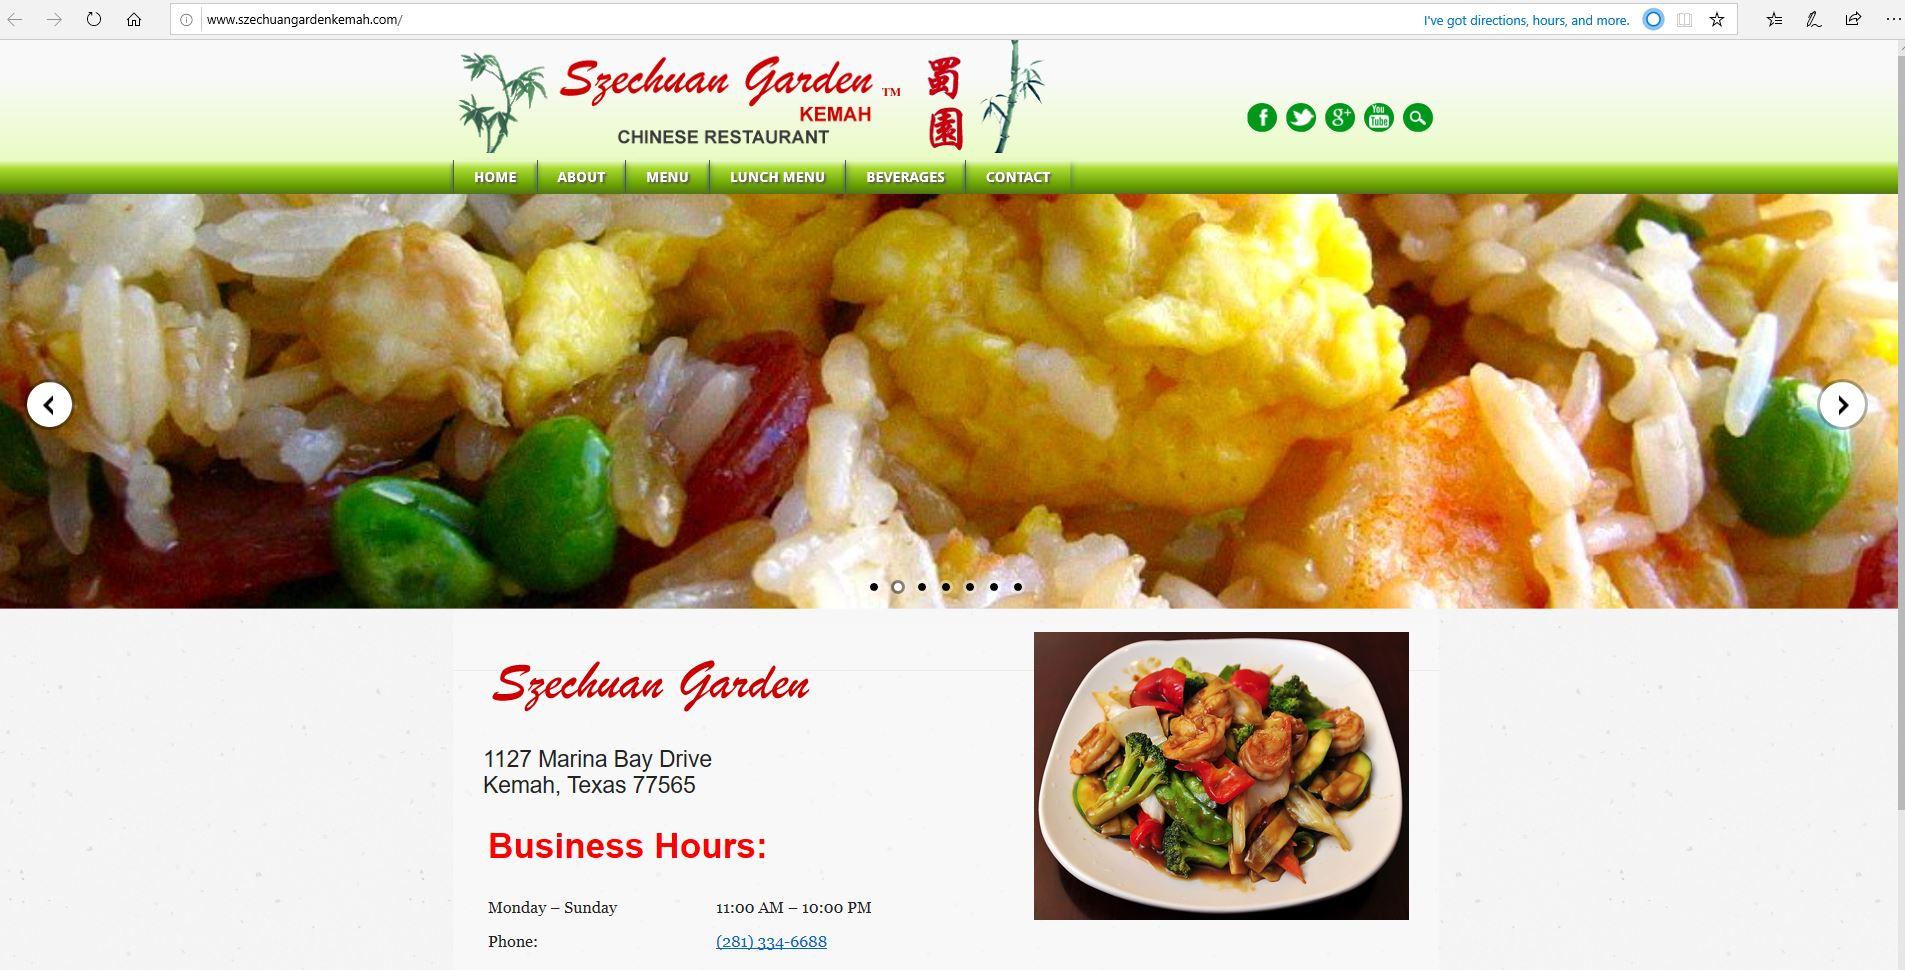 www.szechuangardenkemah.com